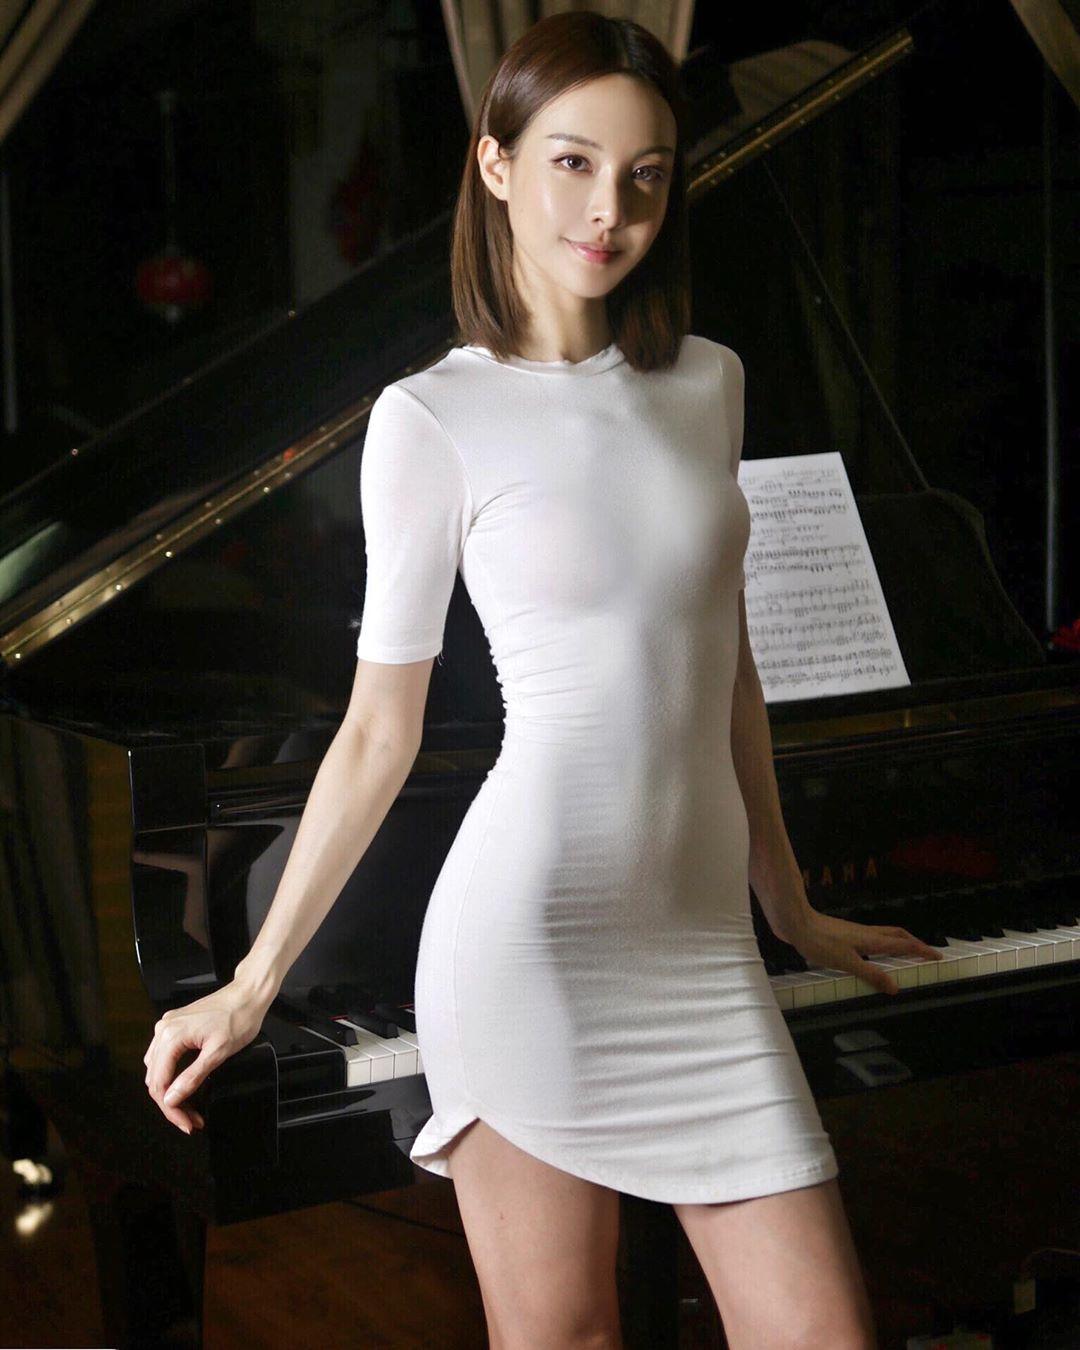 一身, 女人, 性感, 才华, 美女, 美貌, 老虎, 身材, 钢琴